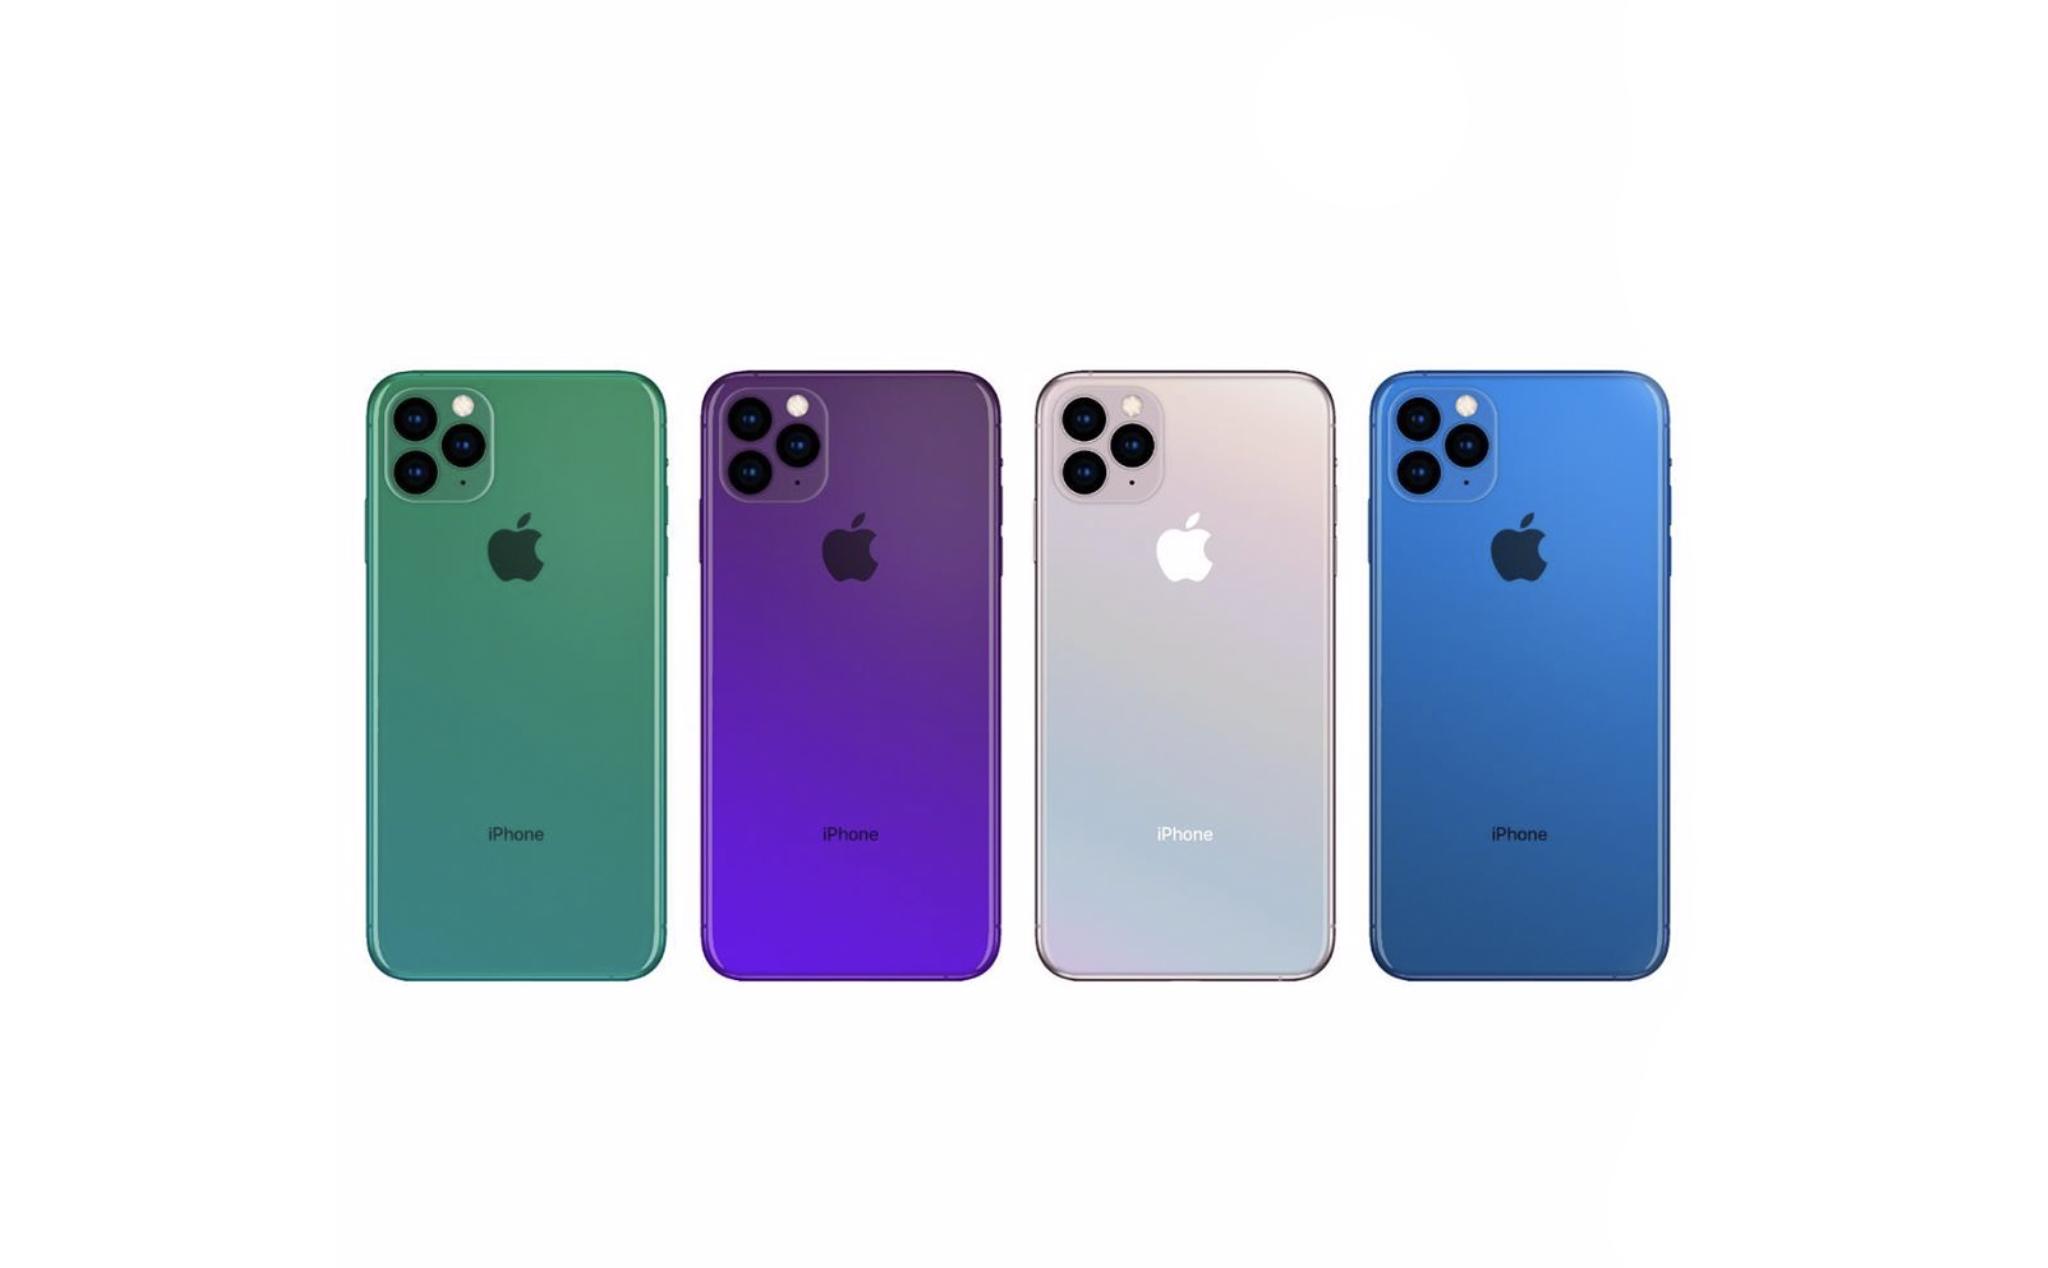 iPhone 11 Pro Max - 64GB - Chính hãng VN/A